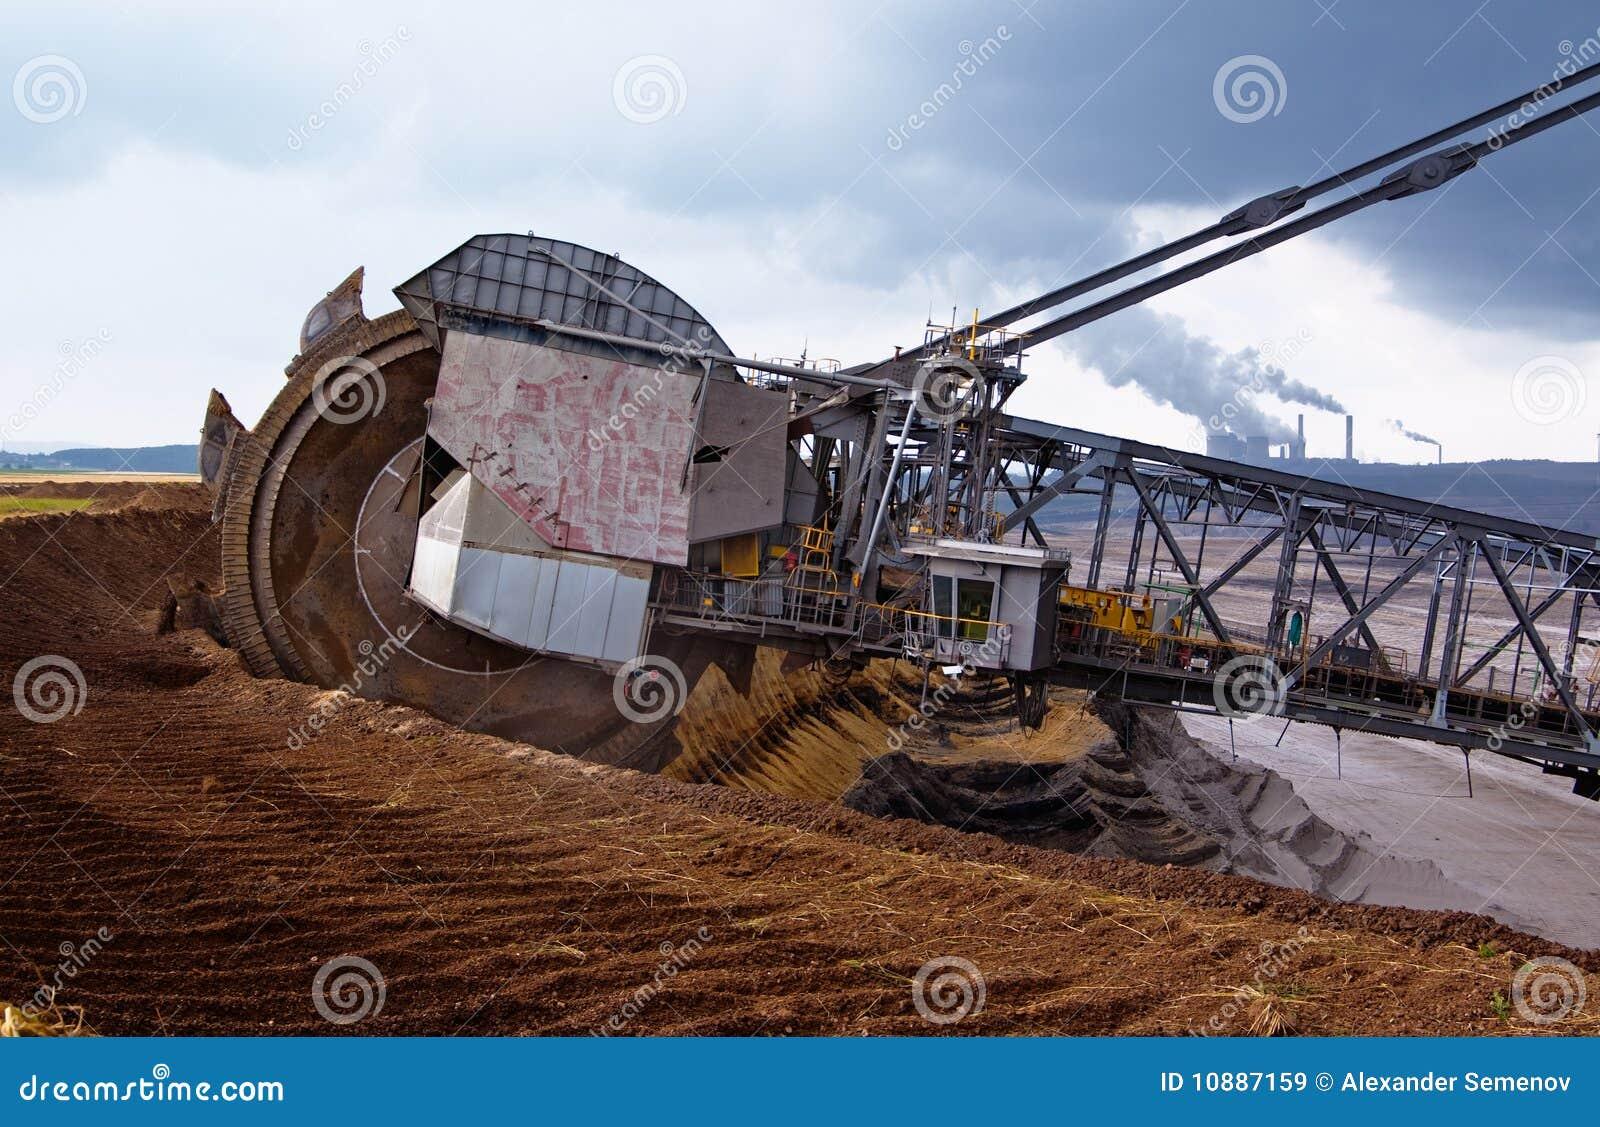 giant excavator - photo #16